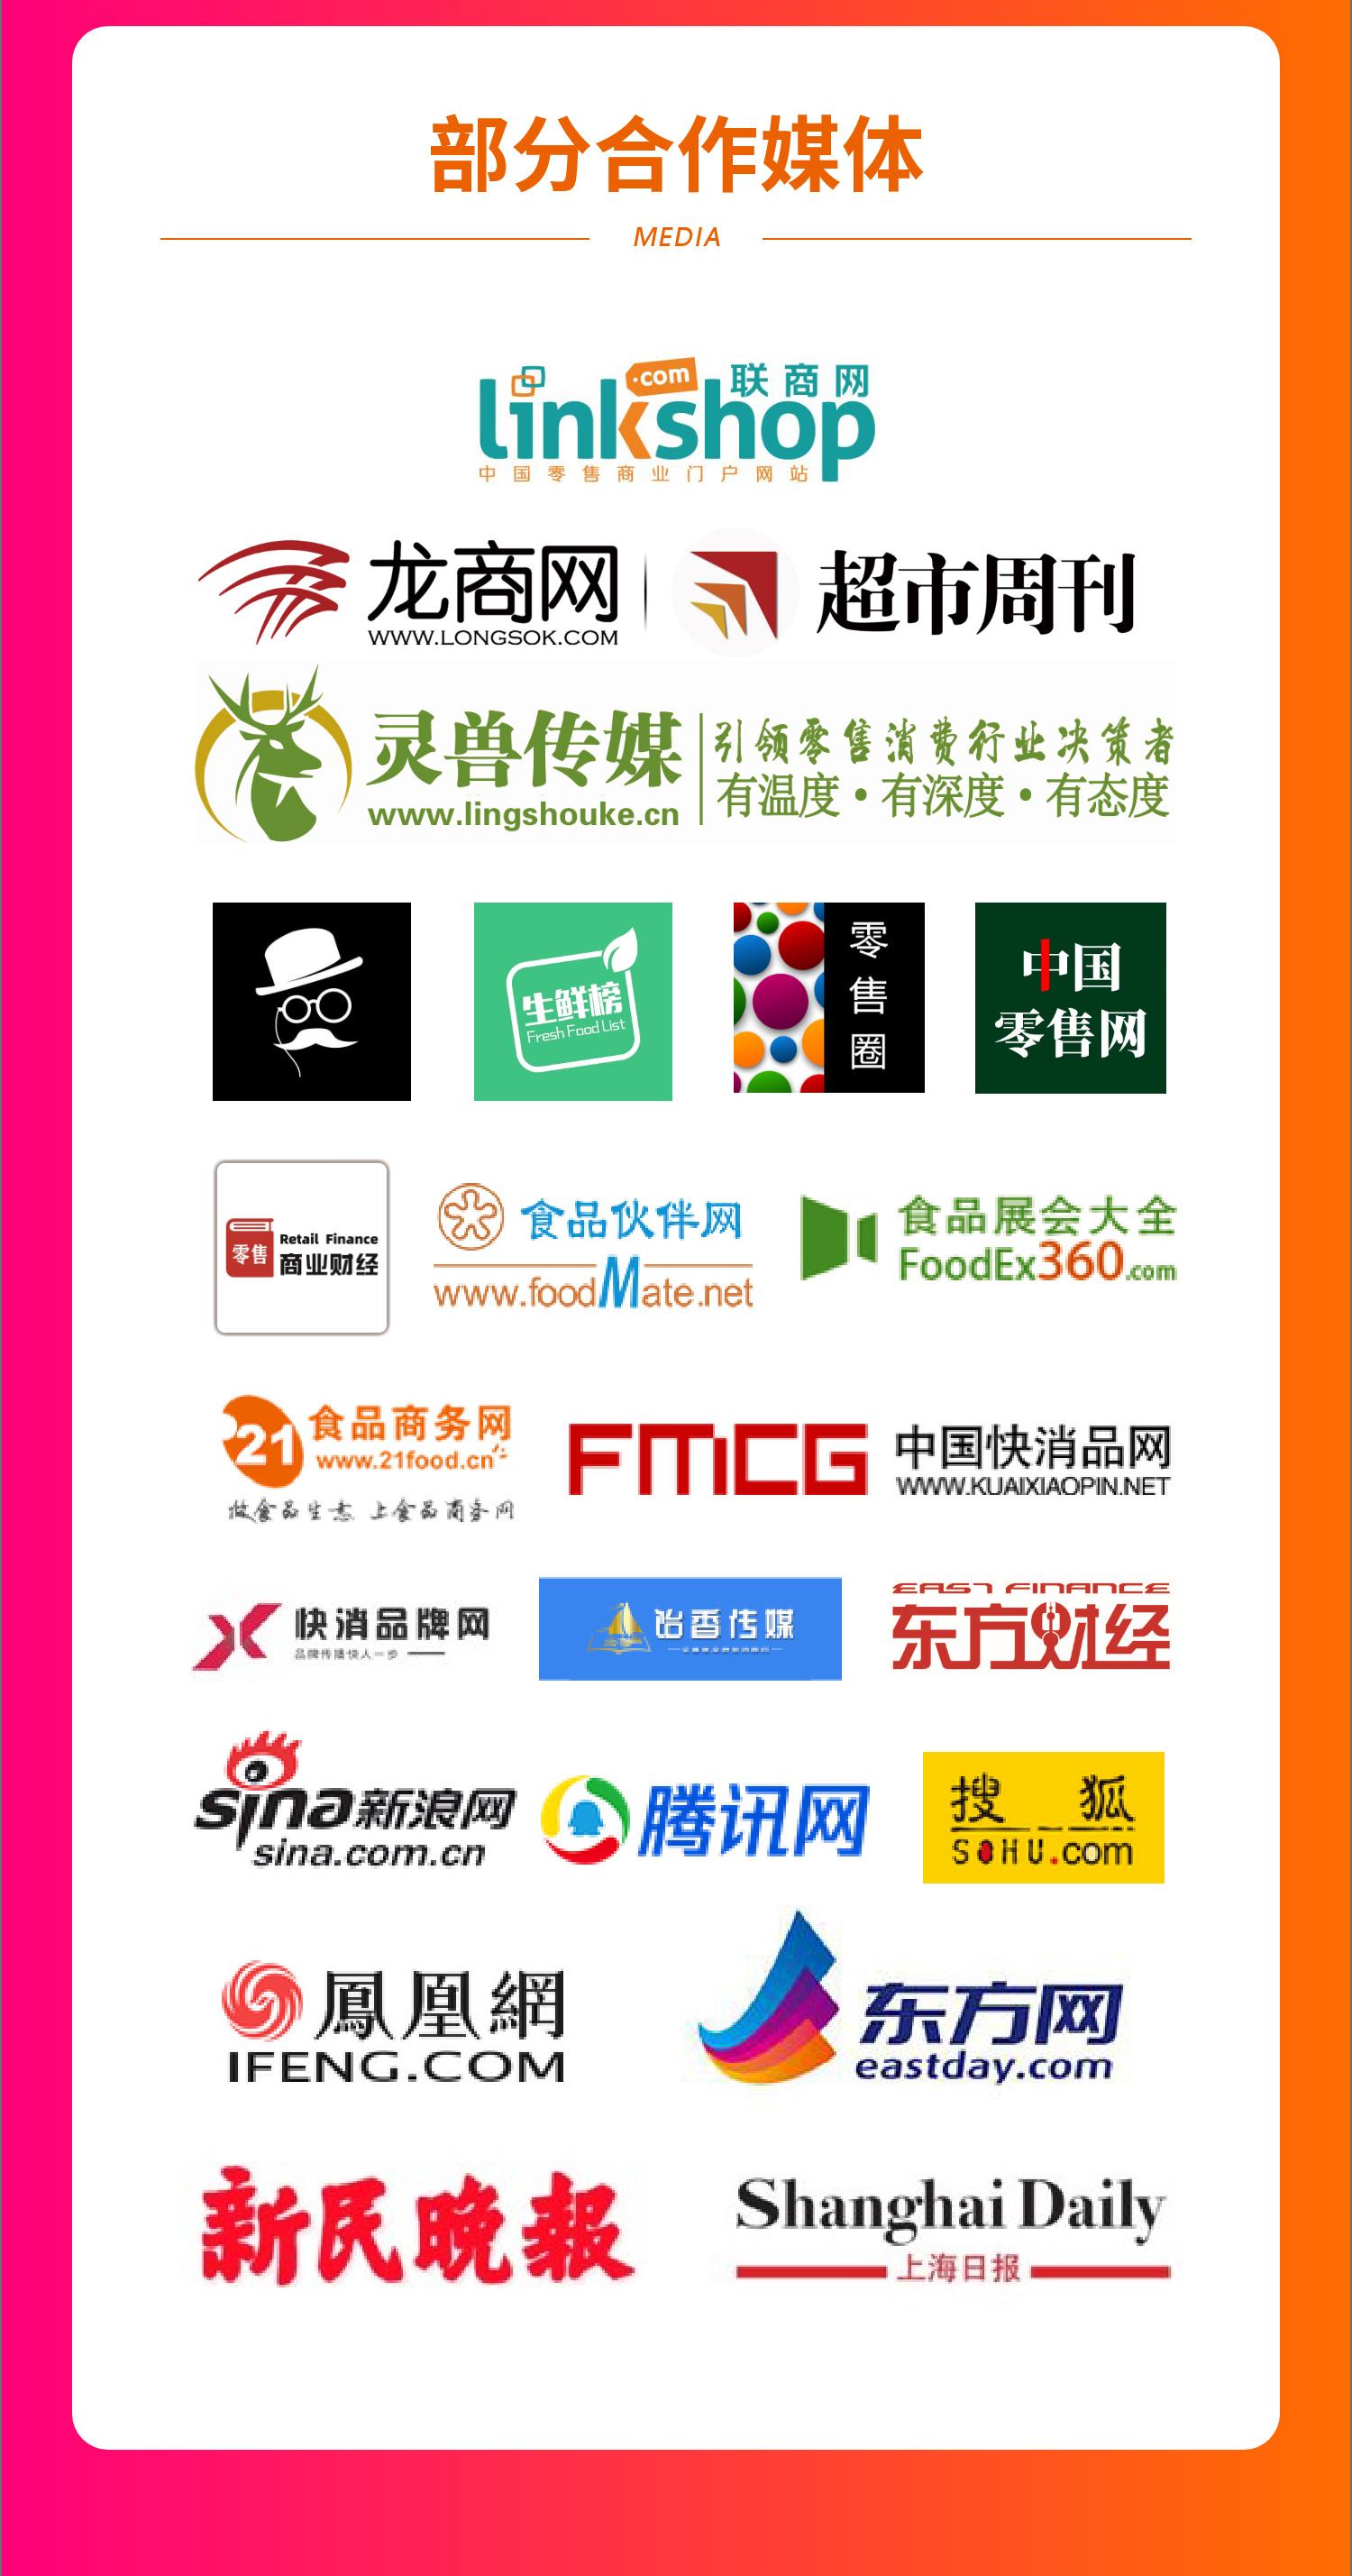 全球自有品牌產品亞洲展零售商午餐培訓會 《利用社交媒體傳播獨特自有品牌價值》